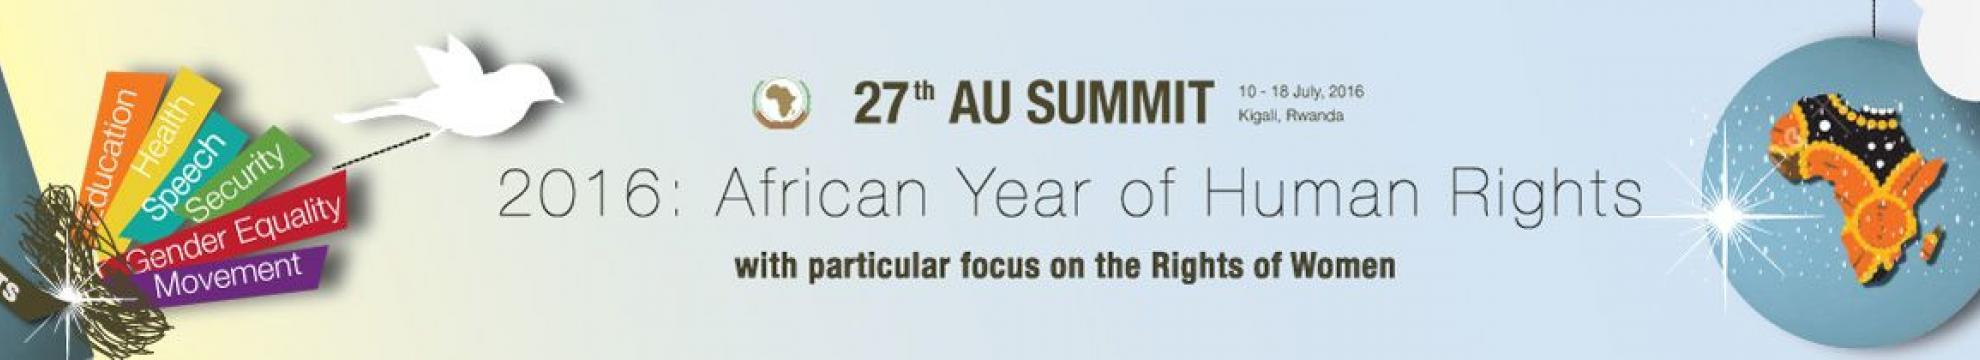 27th AU Summit banner